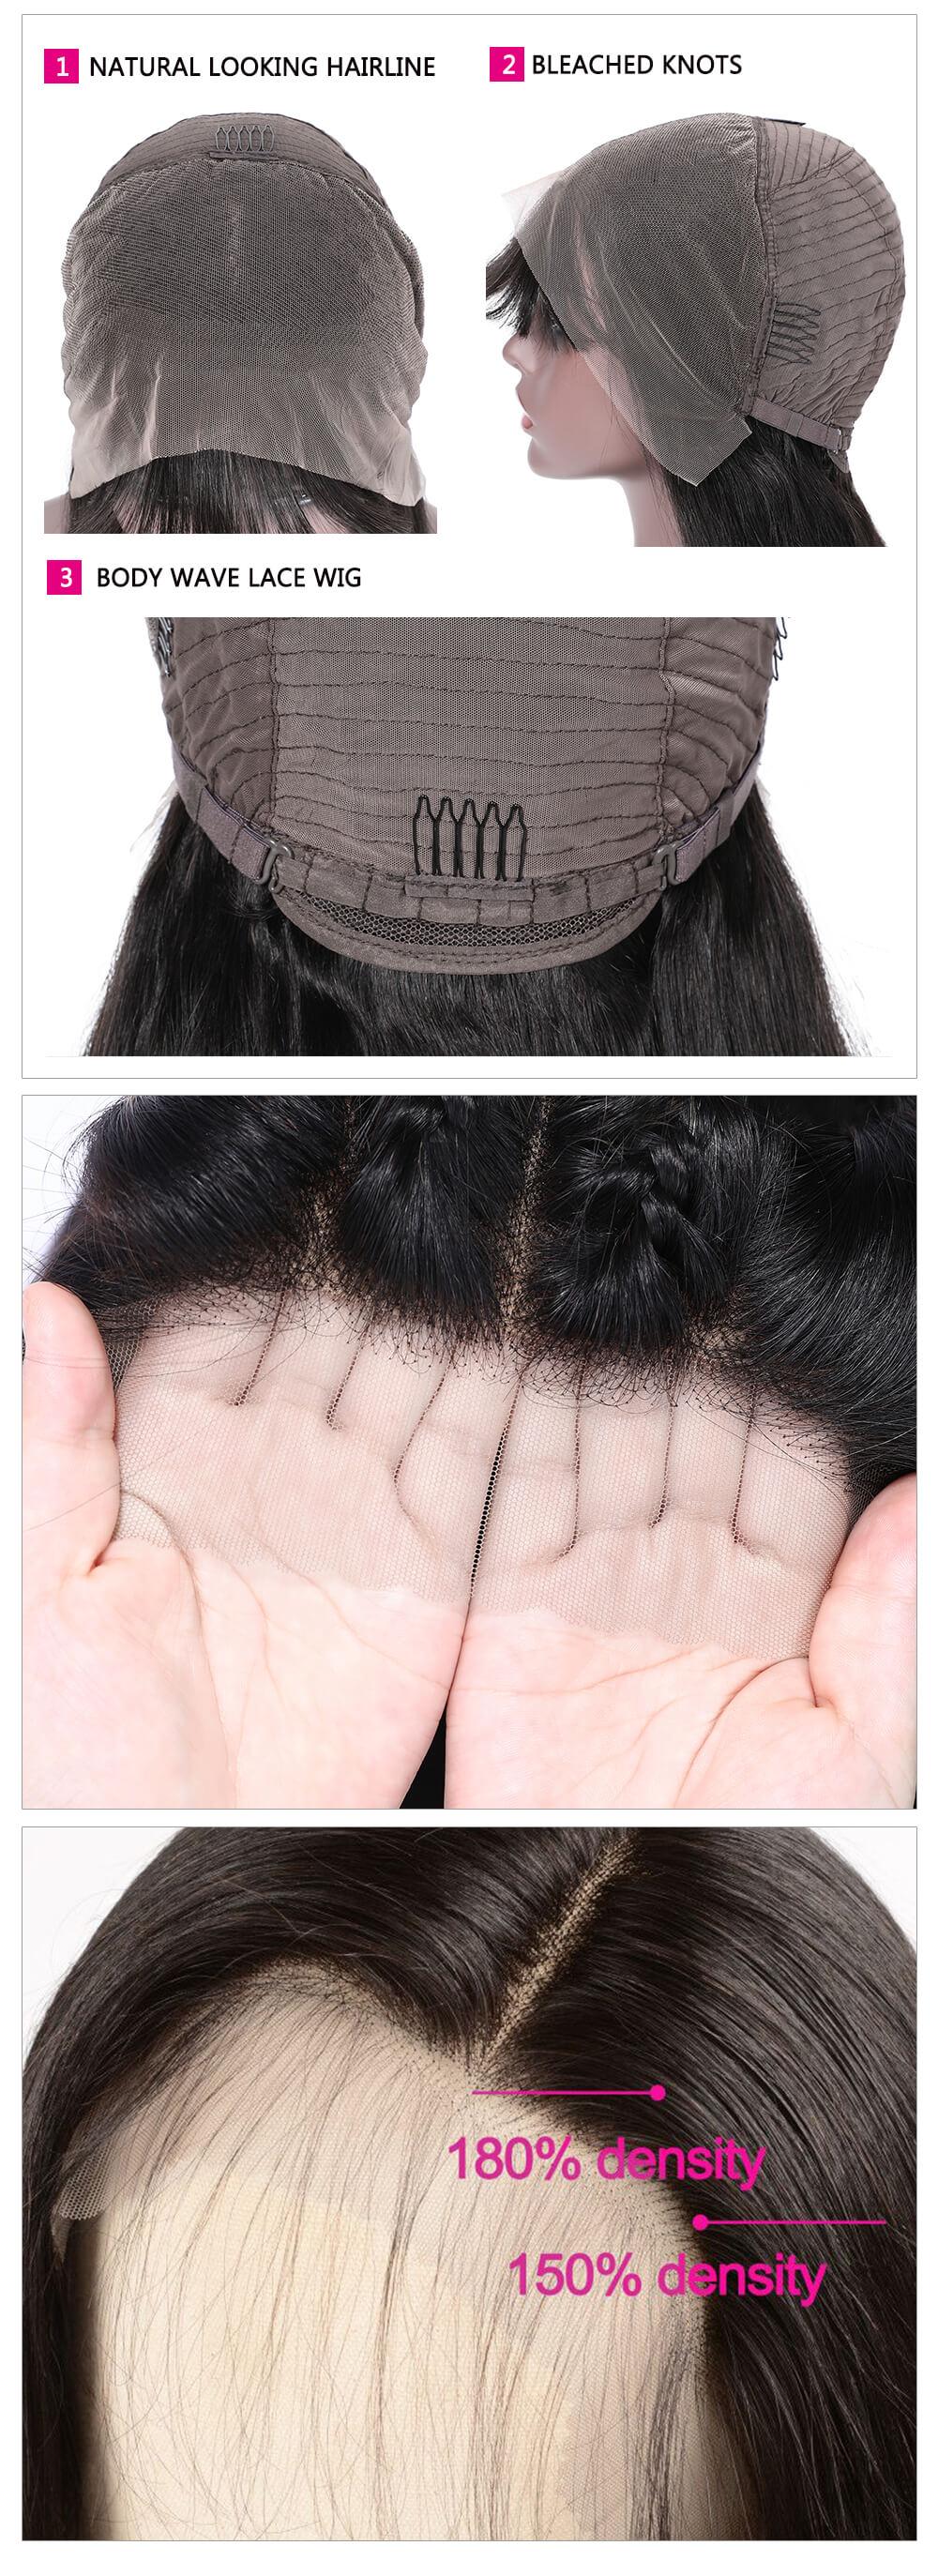 Transparent body wig